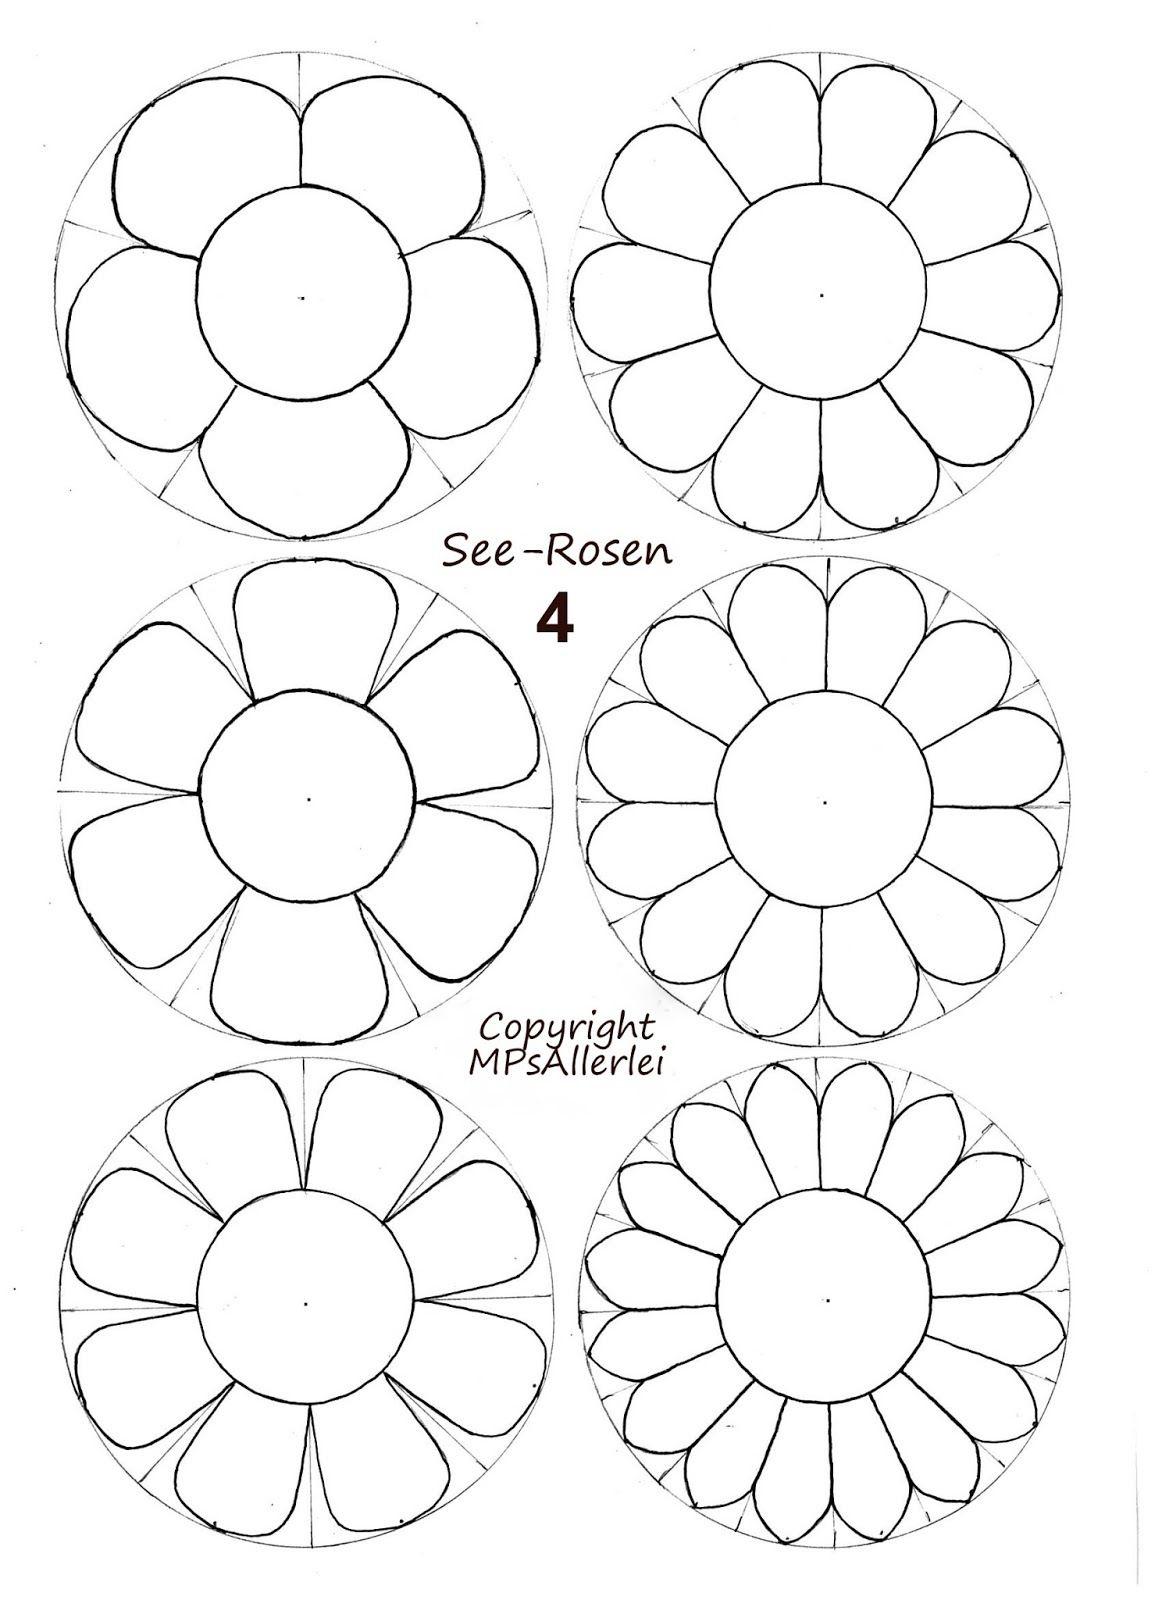 Vorlagen Blumen Basteln Dansenfeesten Ganzes Blume Bastelvorlage Jpg Vorlagen Blumen Basteln Blumen Basteln Papierblumen Basteln Vorlagen